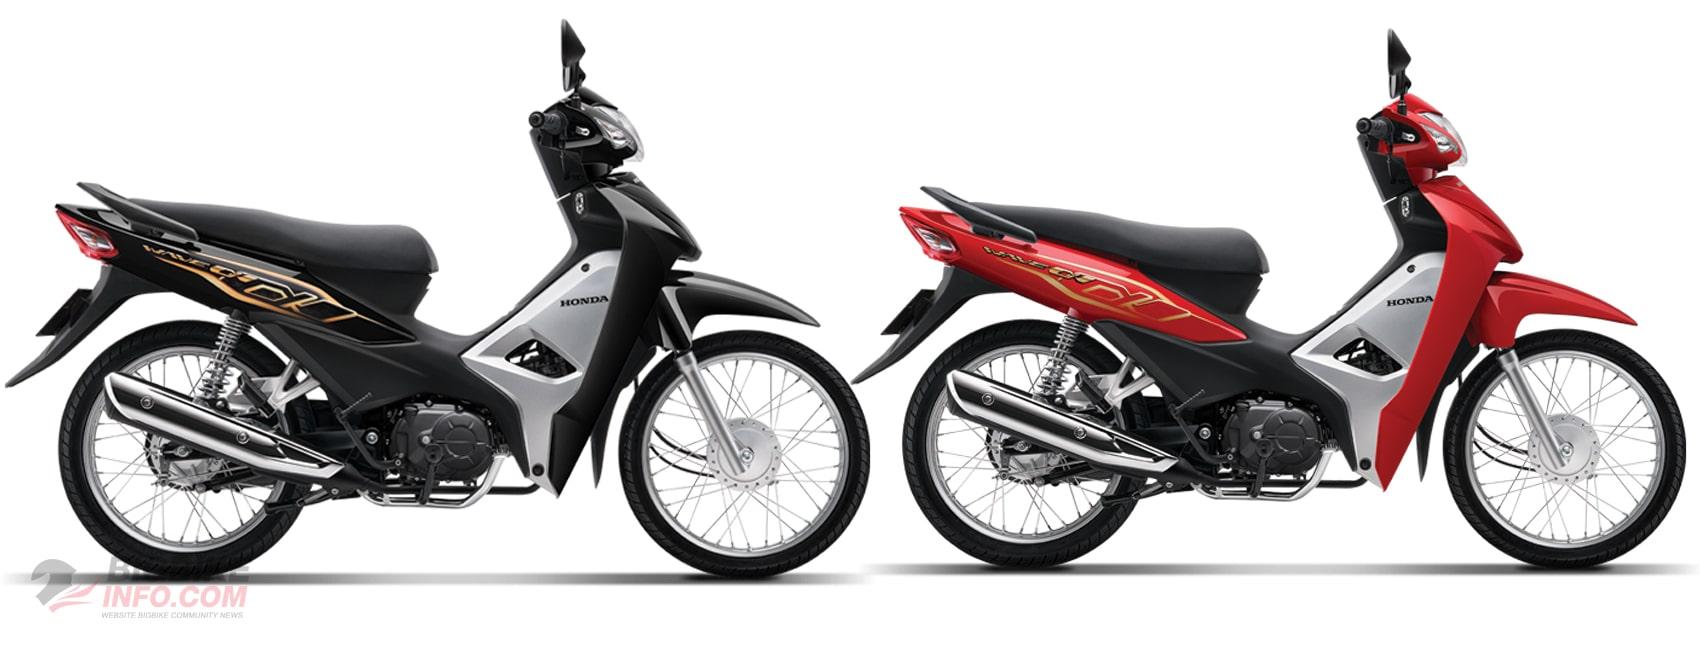 ฮอนด้า Wave Alpha 110 2020 สีใหม่ สีดำและสีแดง